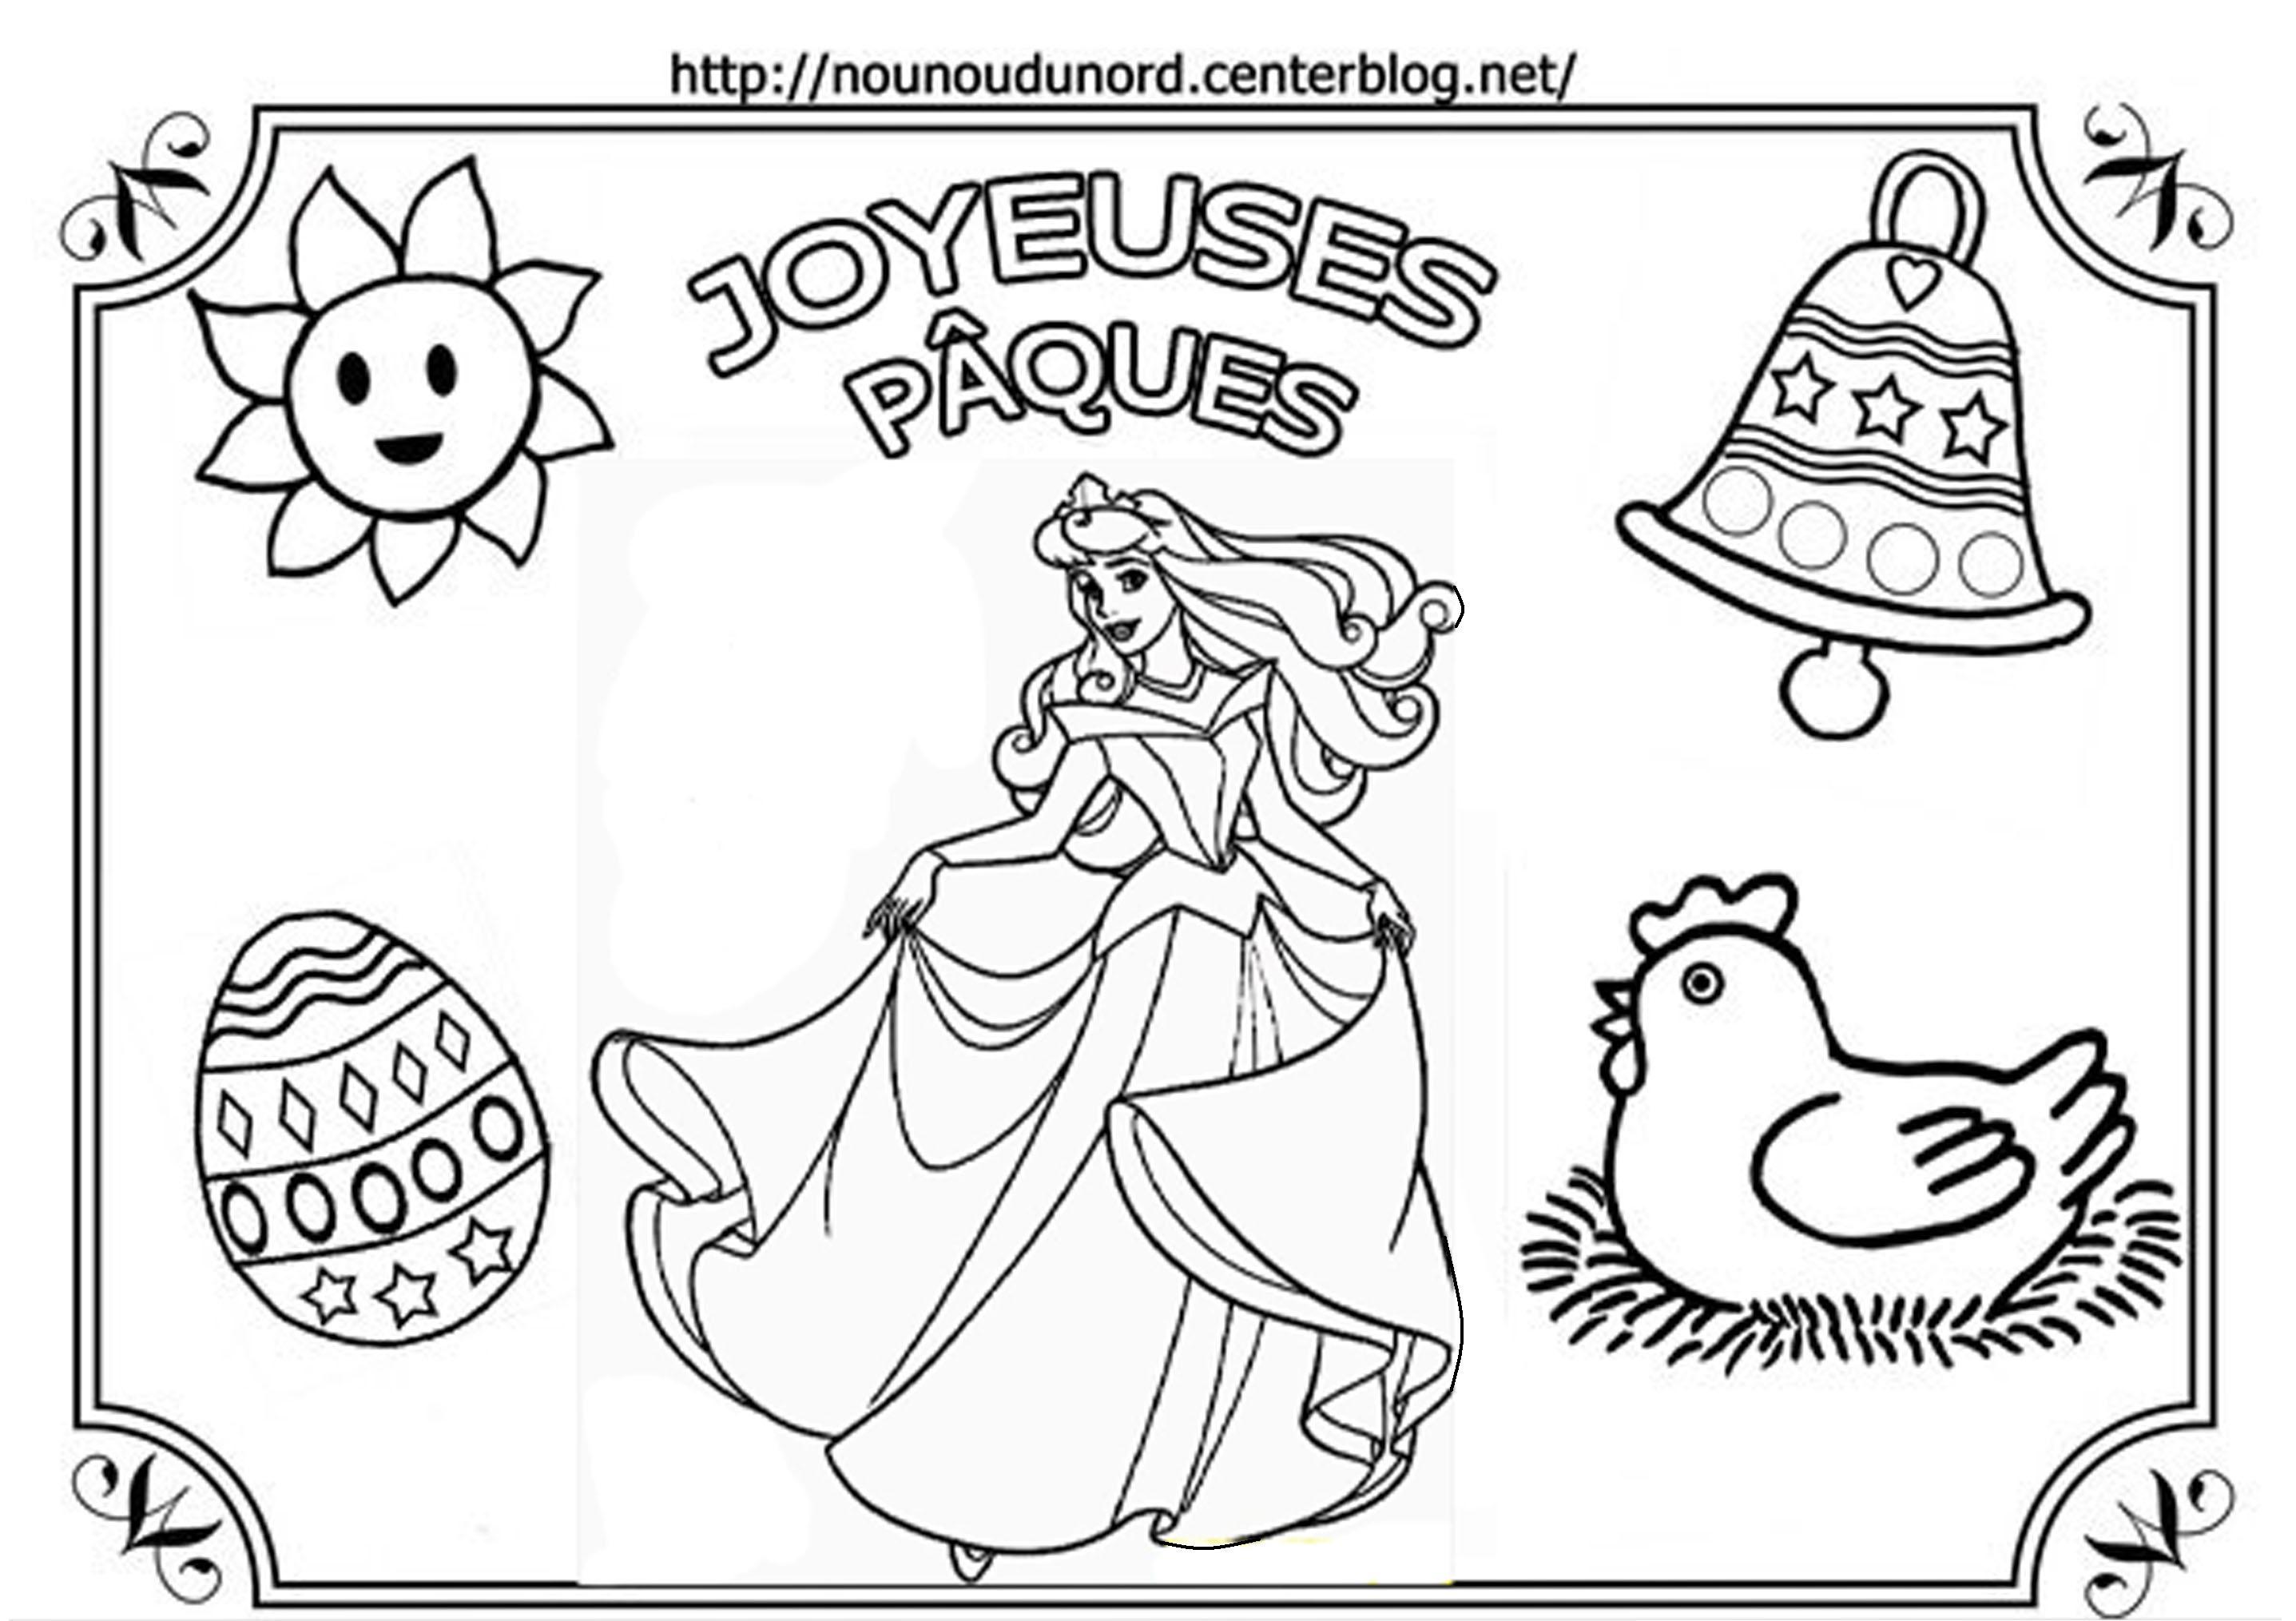 Coloriage En Ligne Paques | Imprimer Et Obtenir Une à Coloriage Paques À Imprimer